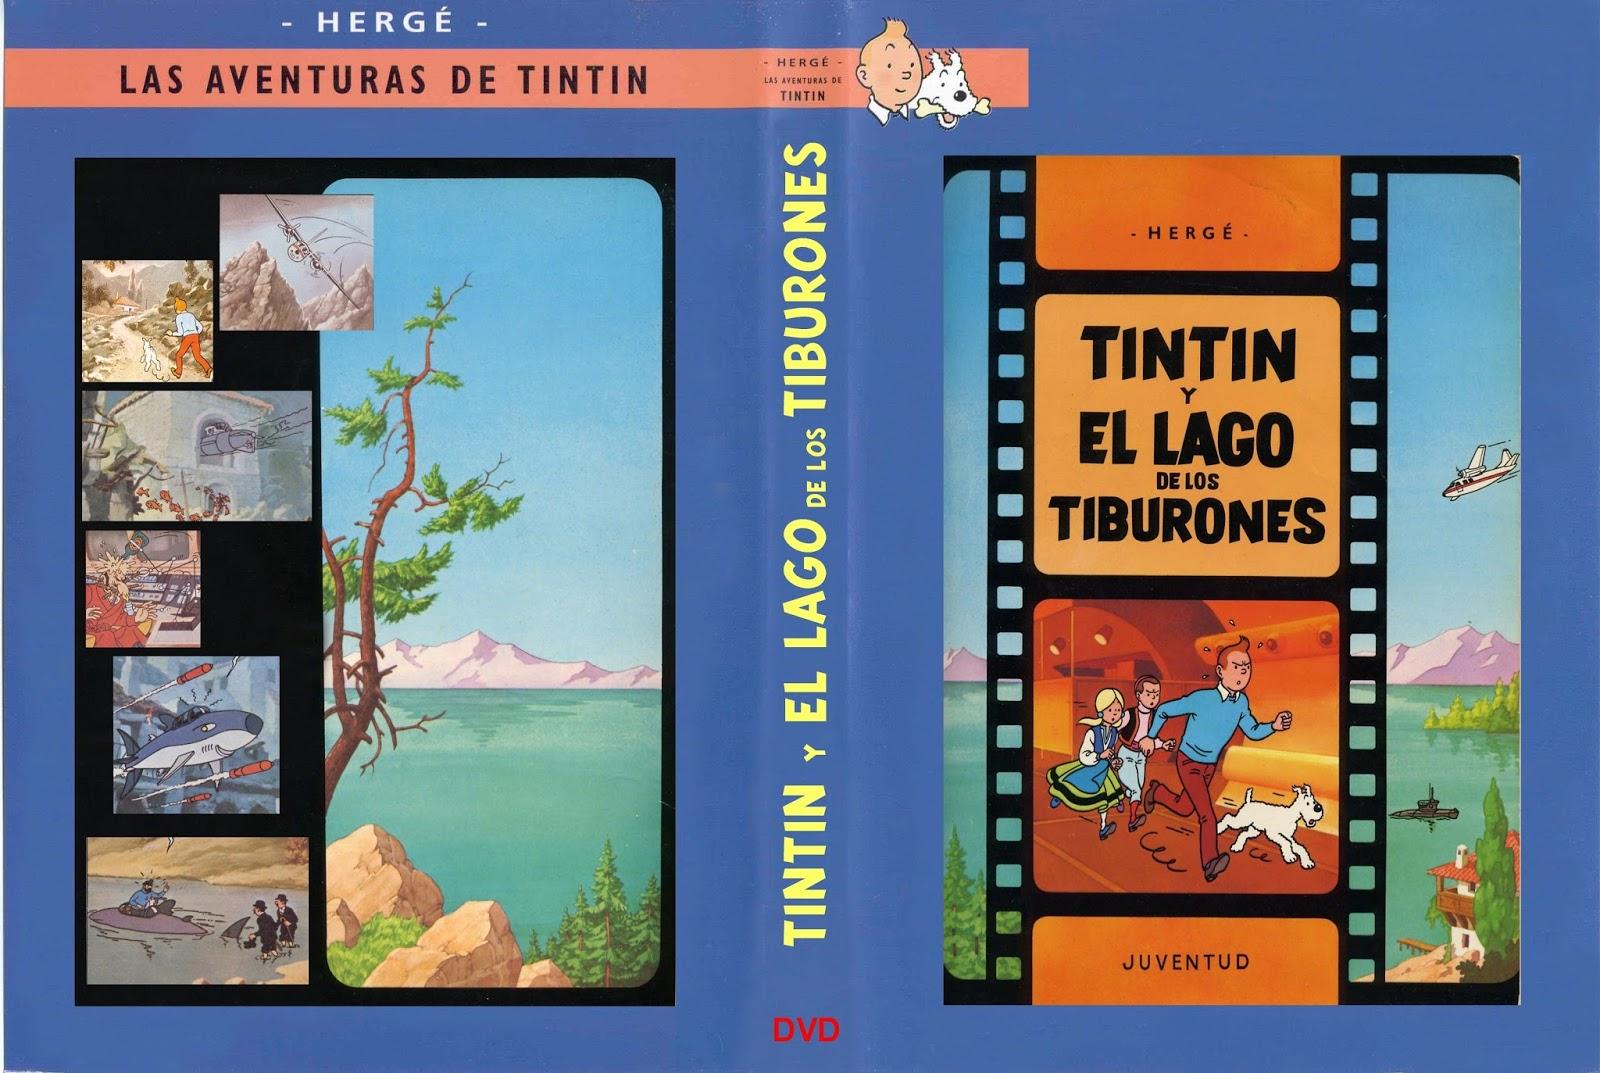 .: Tintín en el lago de los tiburones (1969)